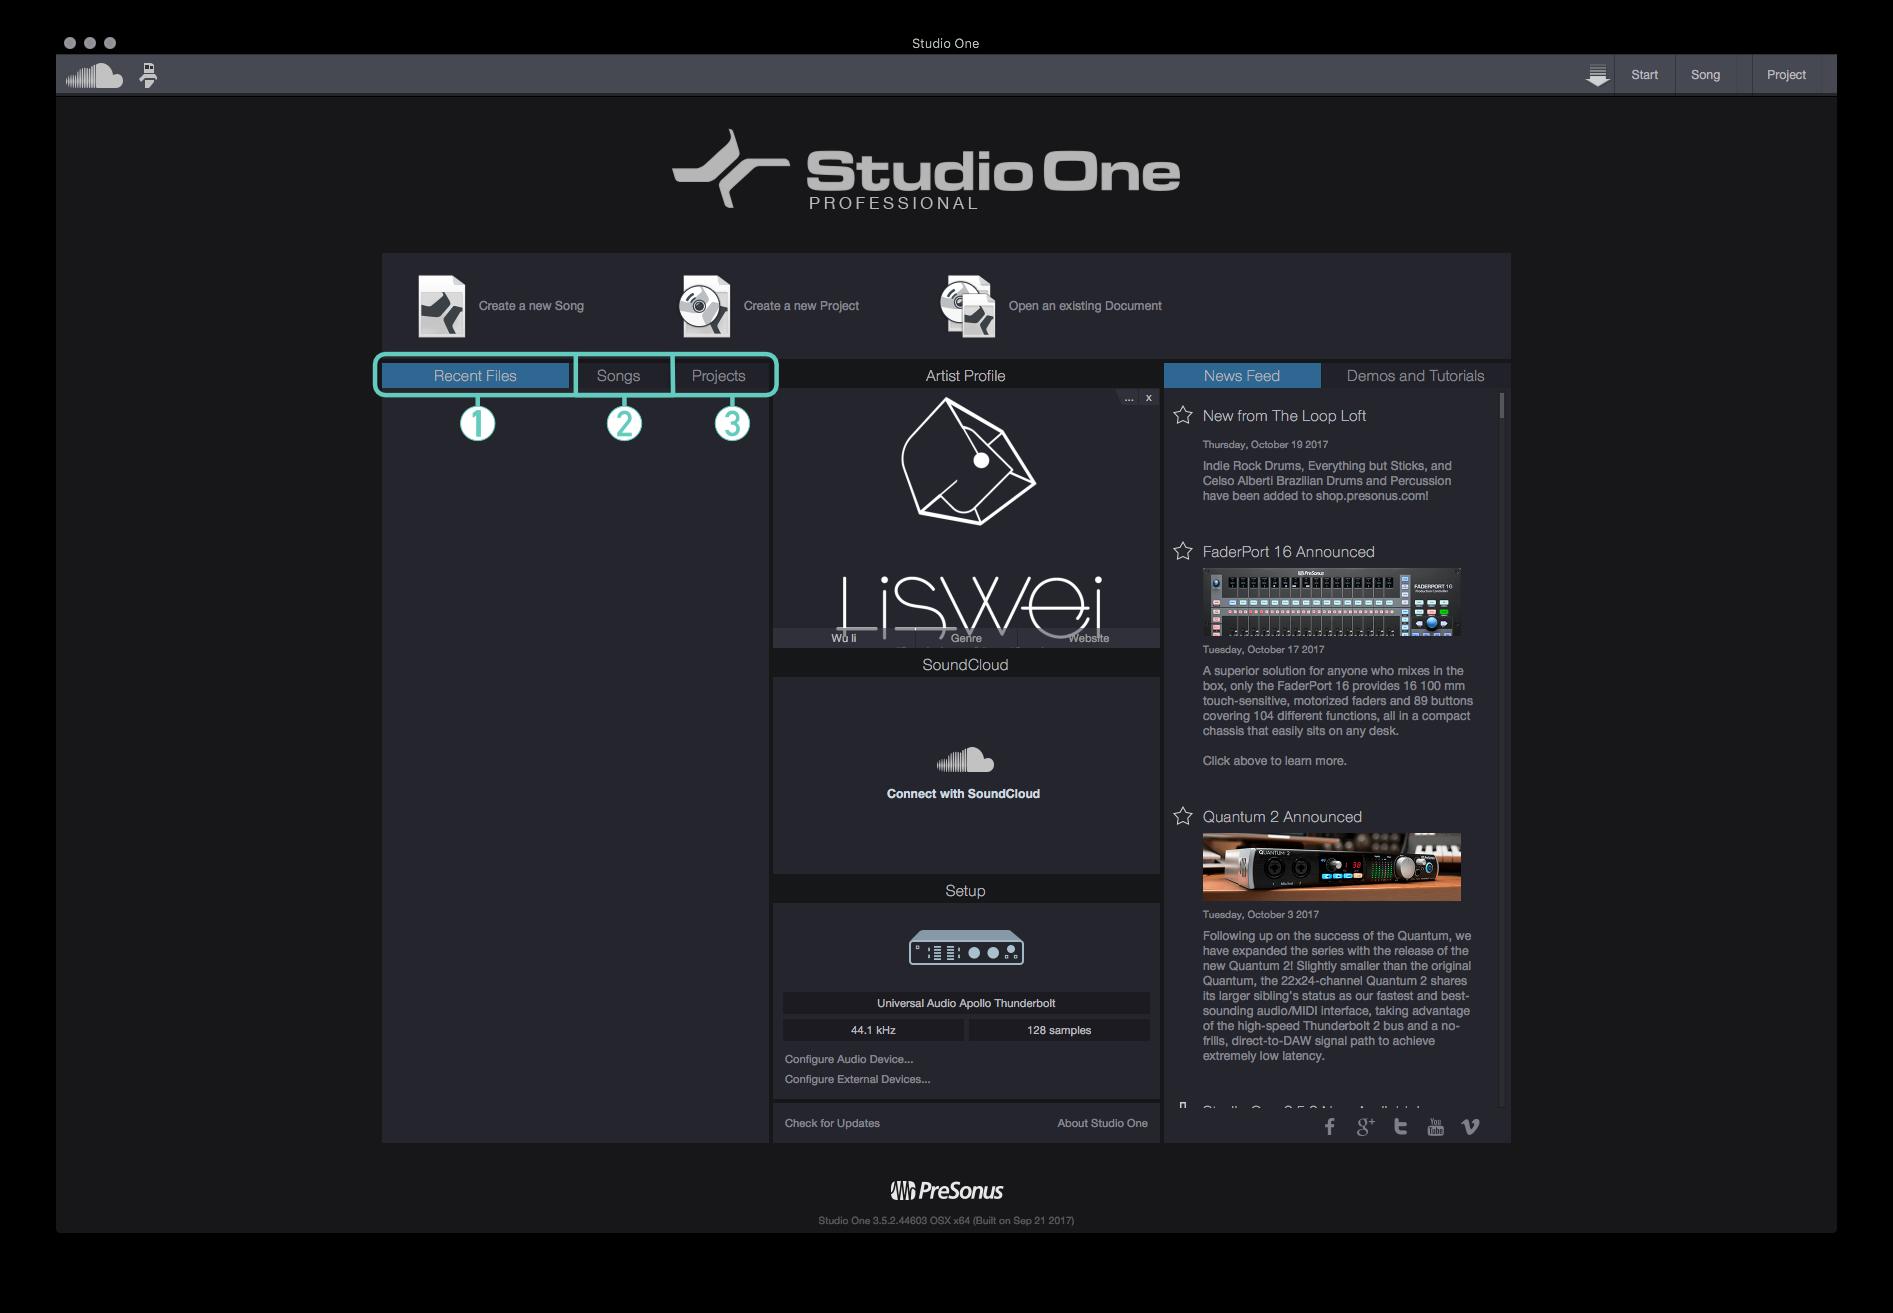 在預設的狀態下會 Studio One 會開起 Start 這個畫面。在該畫面的左邊分成三個頁籤區域,分別是 Recent Files、Songs、Projects。